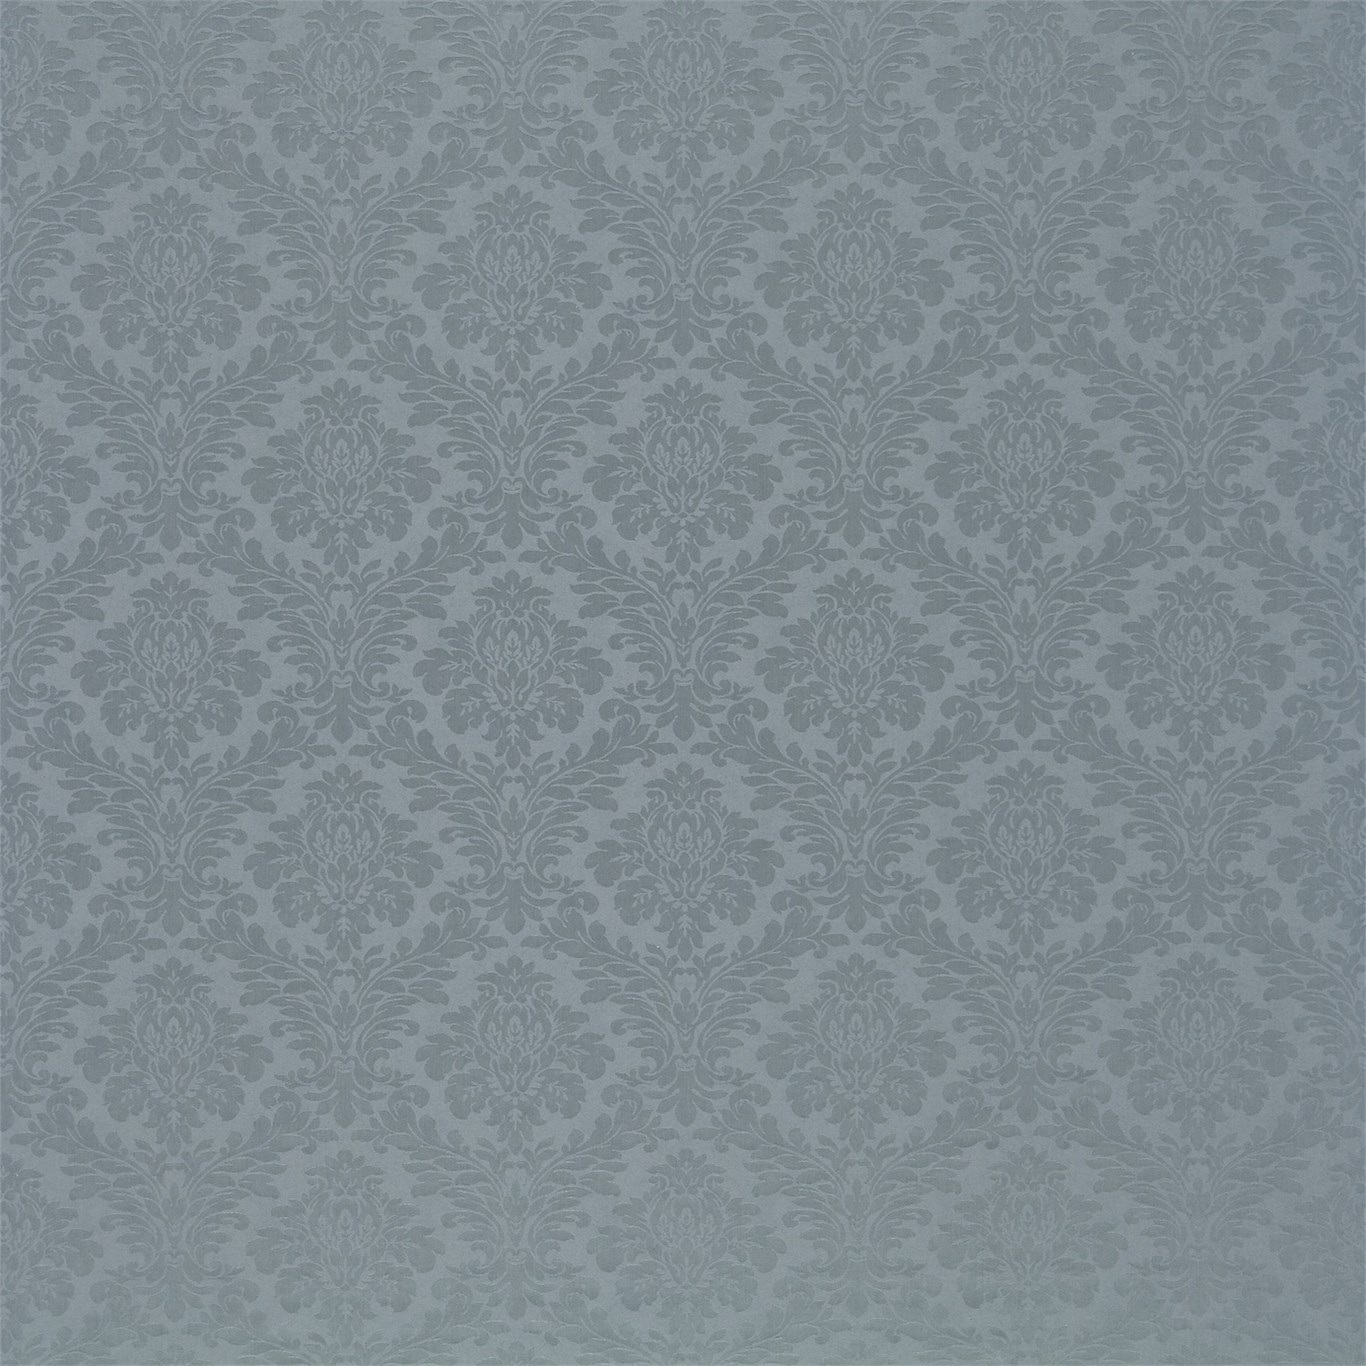 Image of Sanderson Lymington Damask Wedgwood Fabric 232606